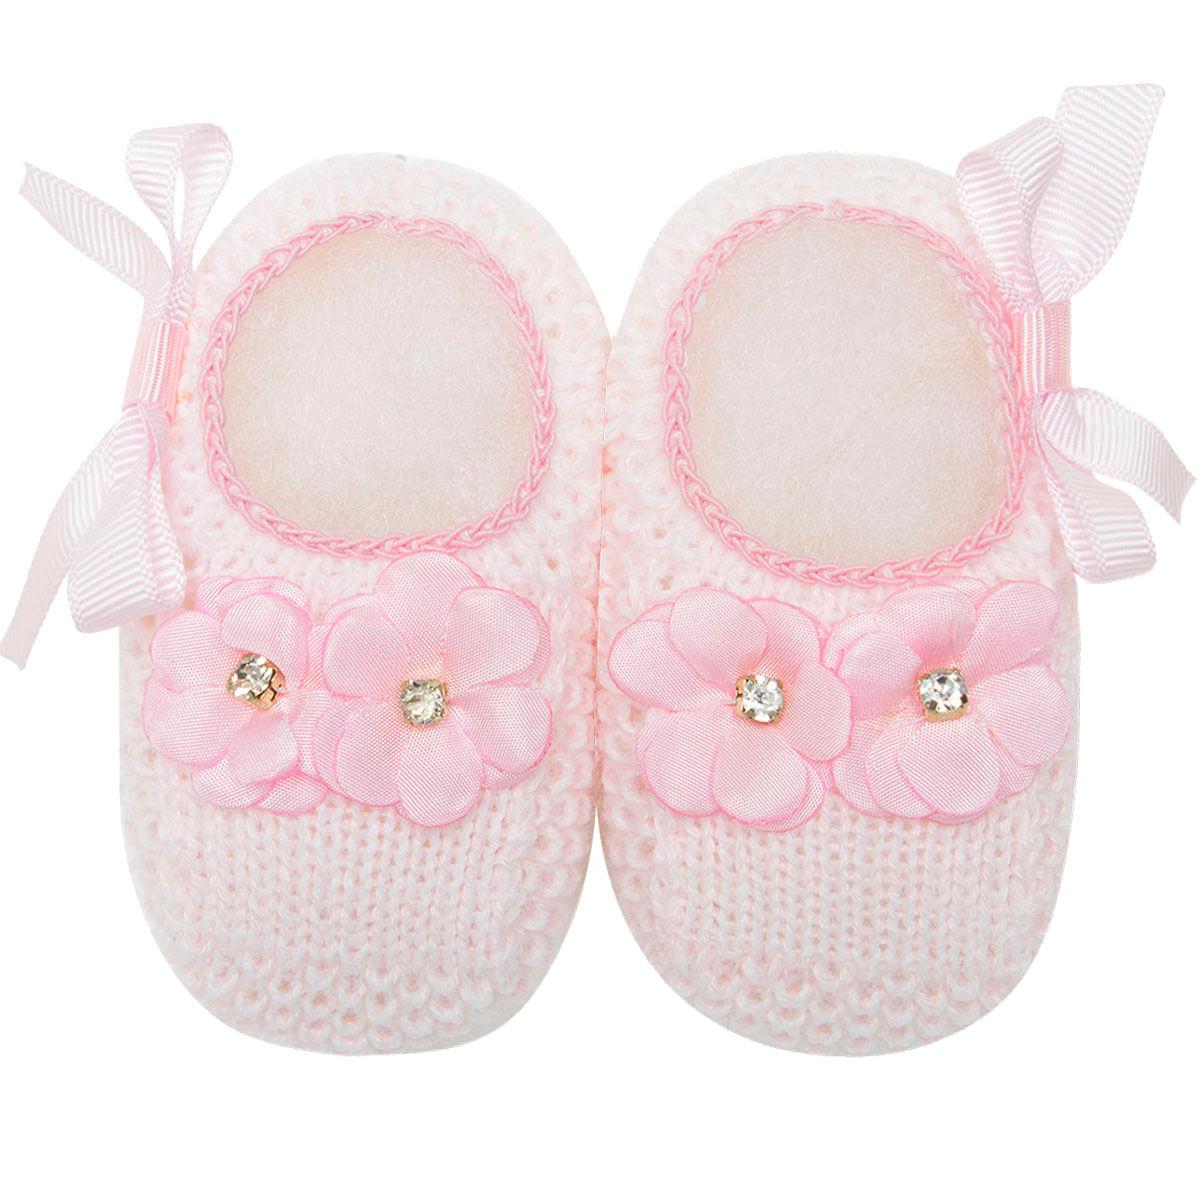 632829dfd Sapatinho para bebê em tricot Flores & Laço Rosa - Roana no bebefacil loja  de roupas enxoval e acessorios para bebes - bebefacil